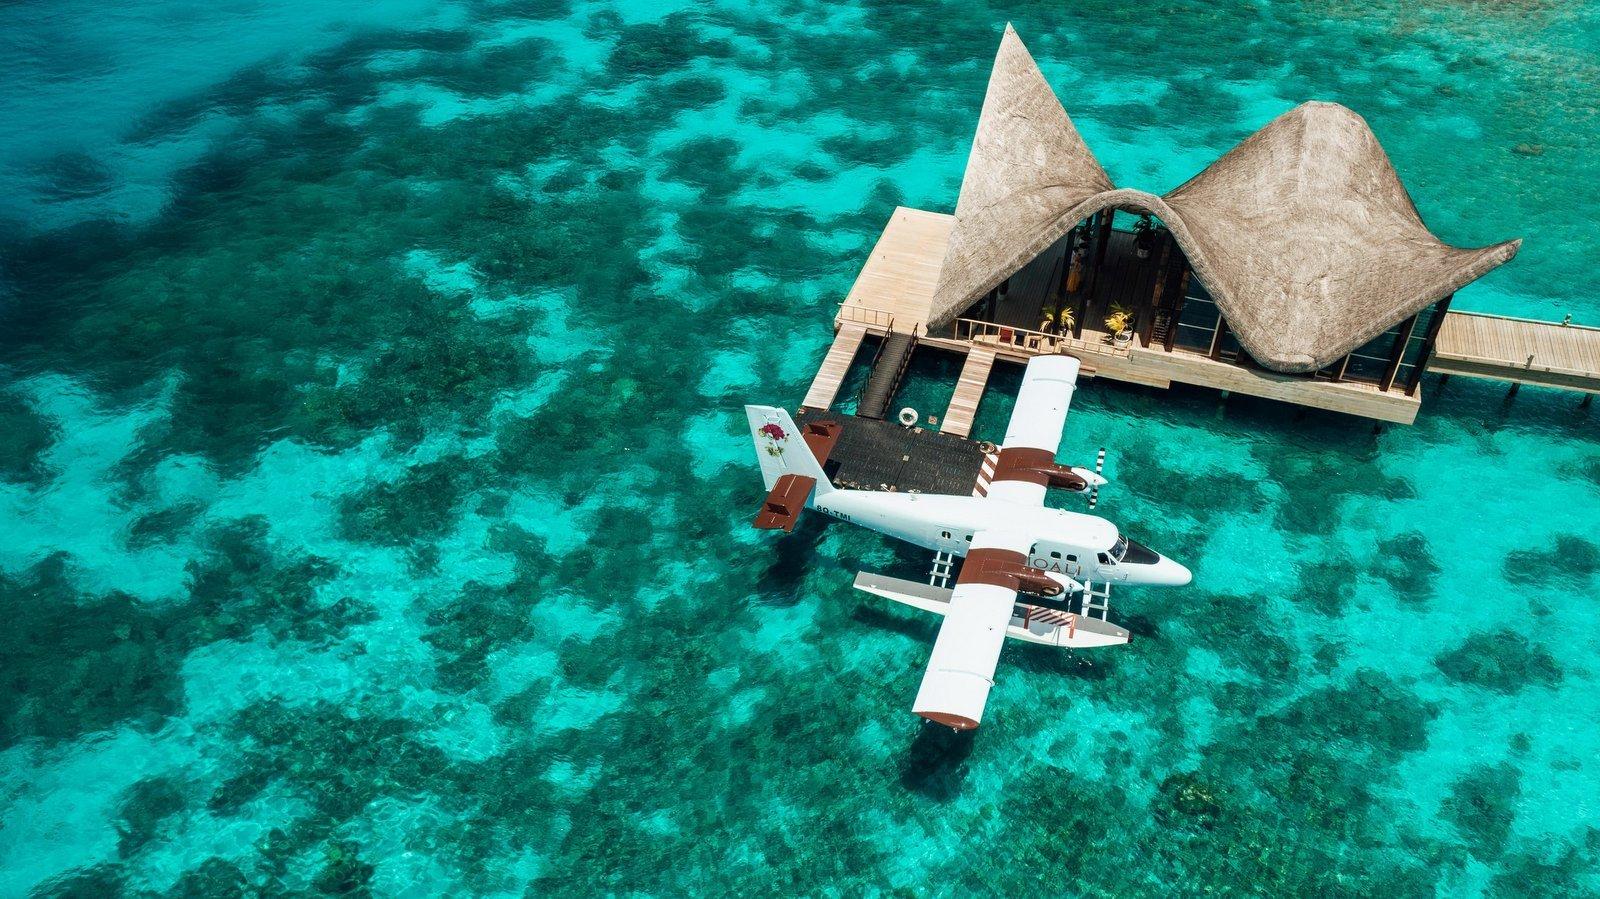 Мальдивы, отель Joali Maldives, гидросамолет